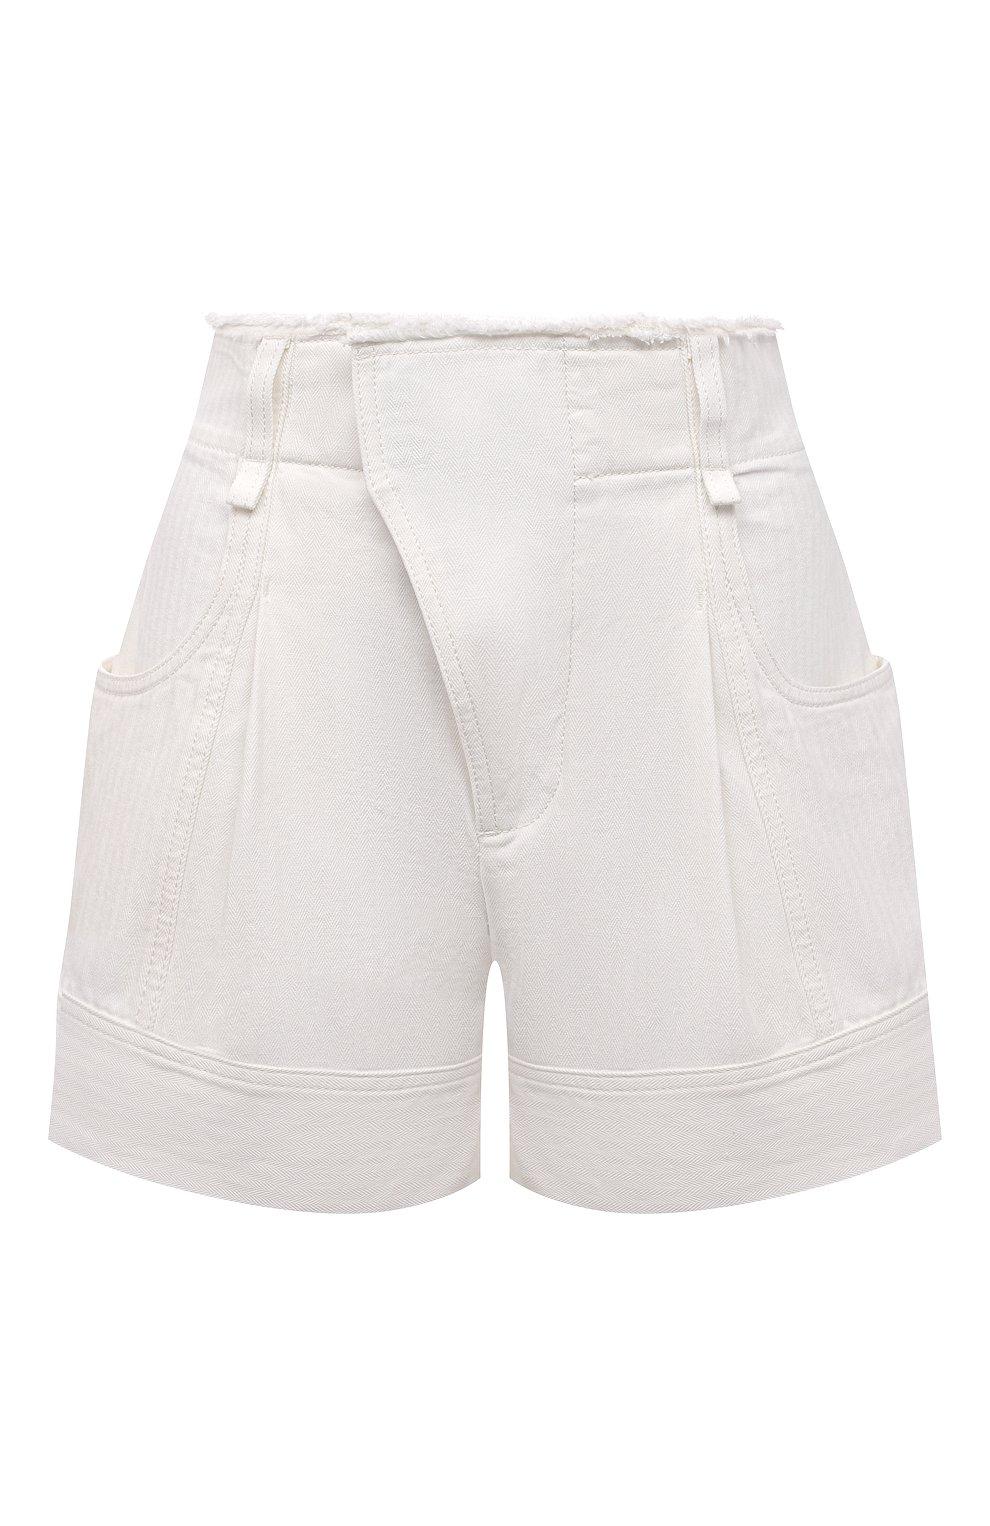 Женские джинсовые шорты CHLOÉ белого цвета, арт. CHC21UDS21048 | Фото 1 (Женское Кросс-КТ: Шорты-одежда; Кросс-КТ: Деним; Длина Ж (юбки, платья, шорты): Мини; Материал внешний: Хлопок; Стили: Романтичный)